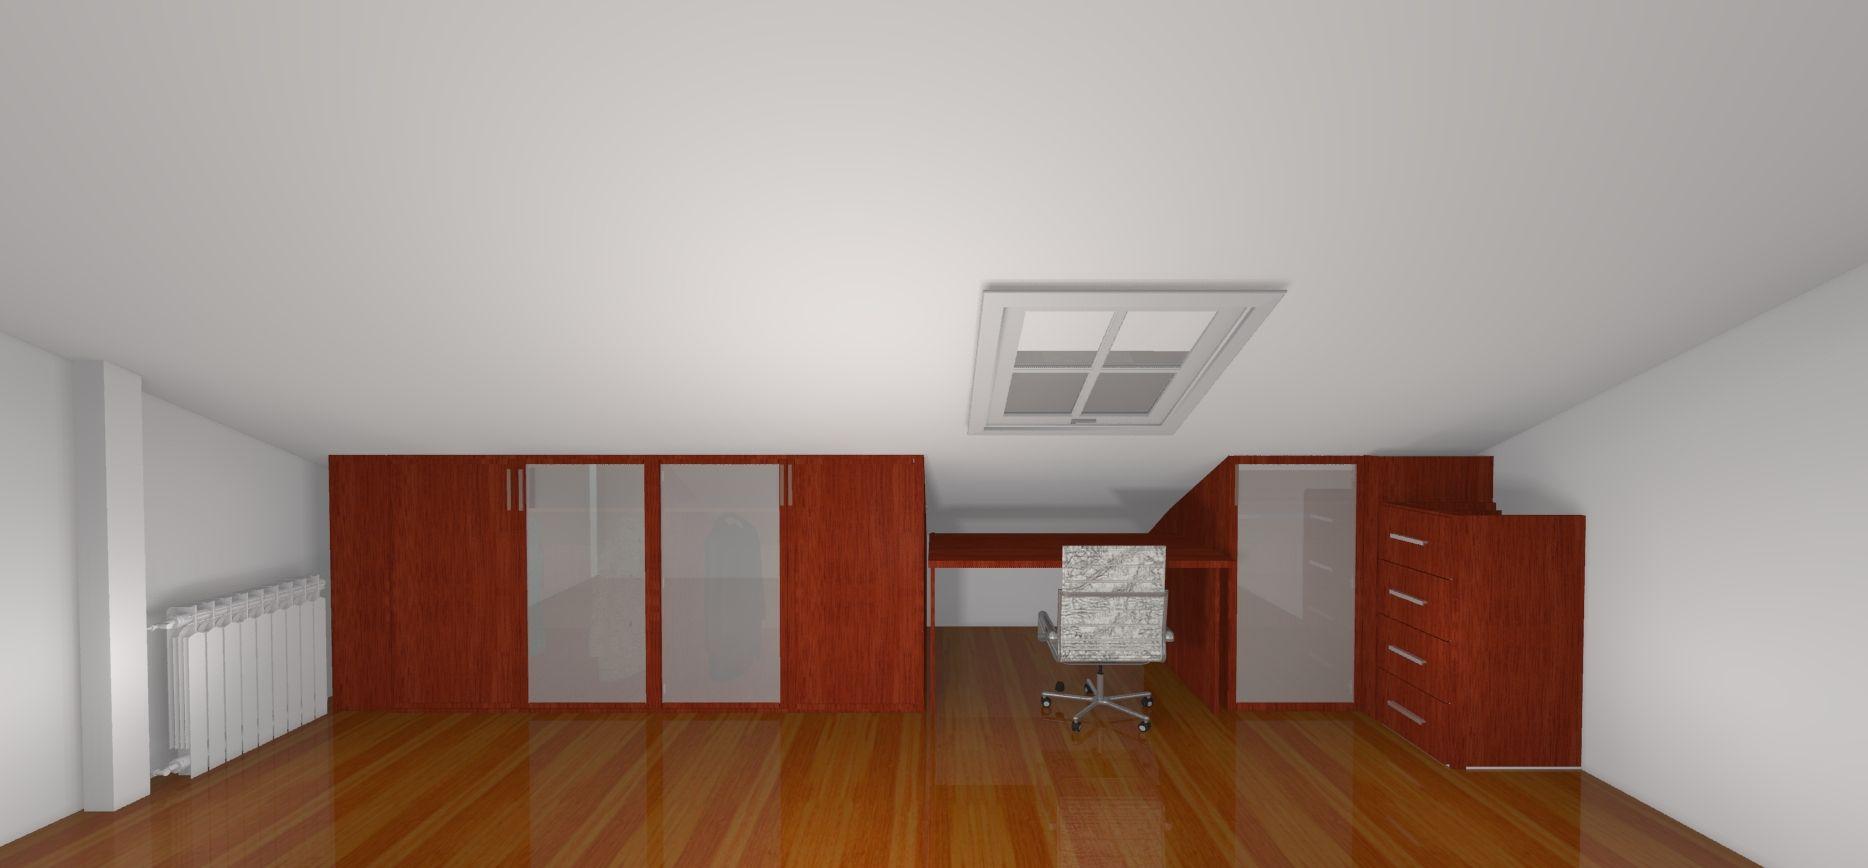 Diseño, fabricación y montaje de muebles a medida